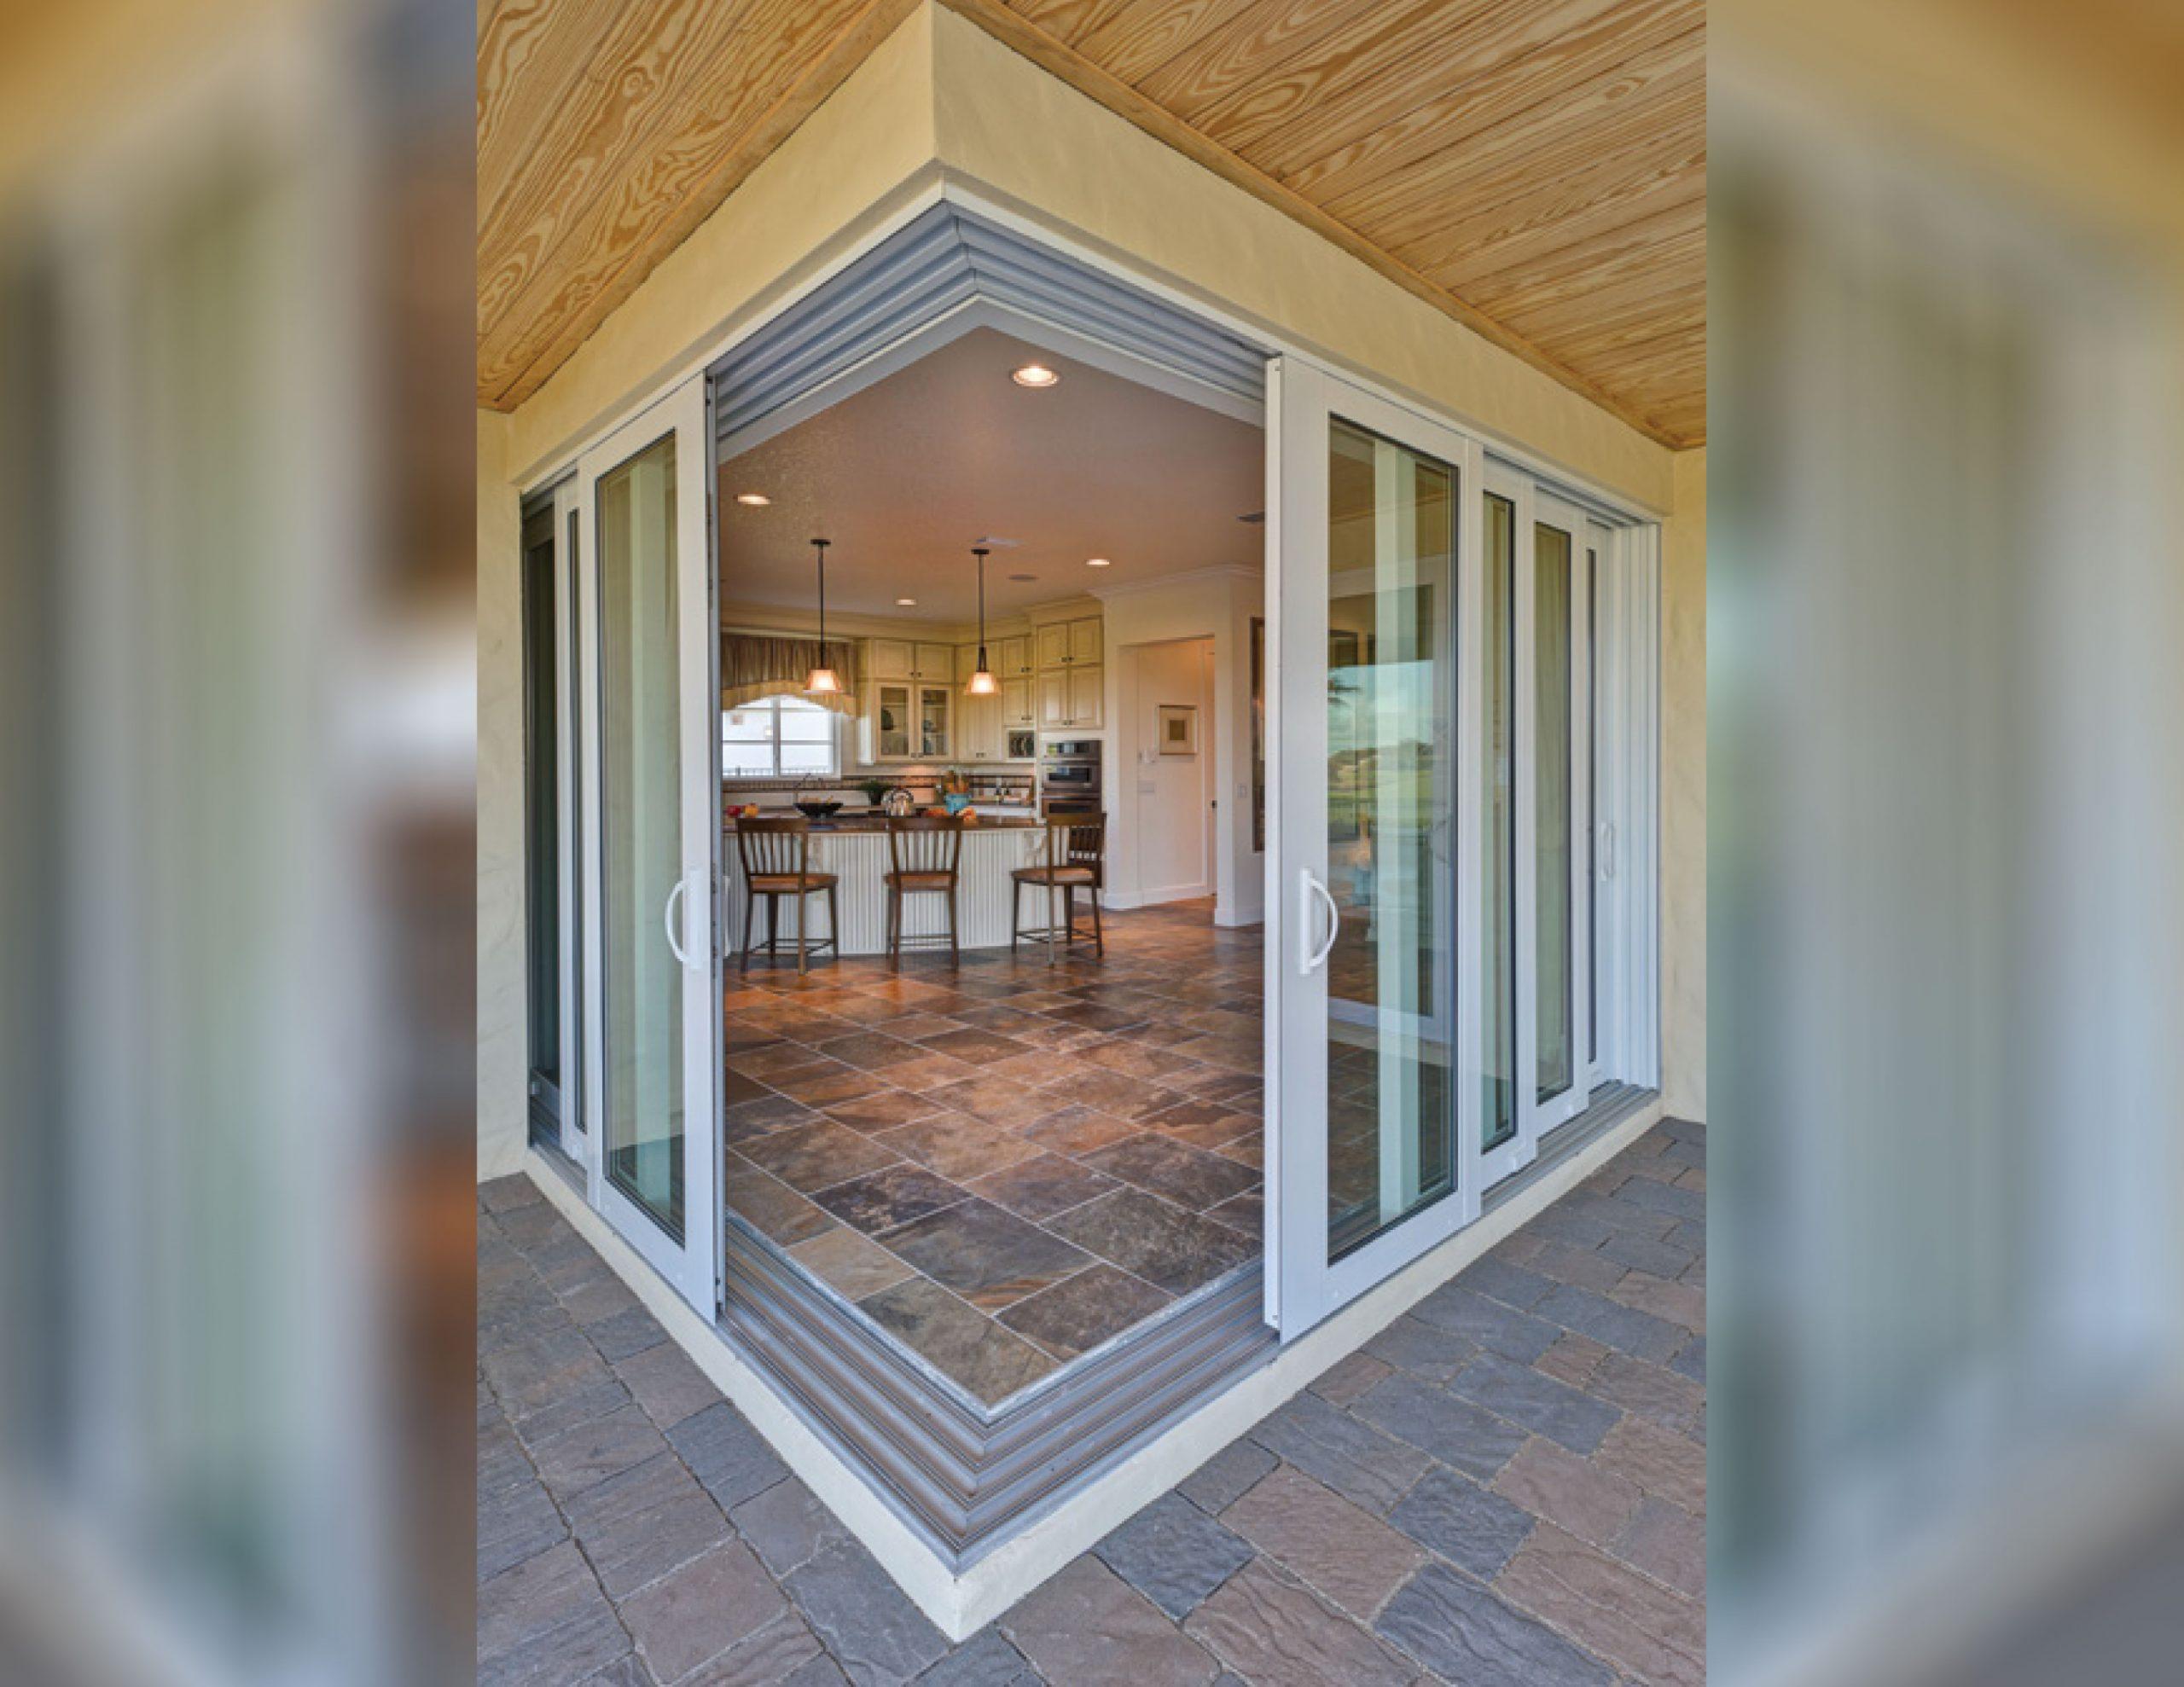 The Ravishing Hurricane Impact Sliding Glass Doors